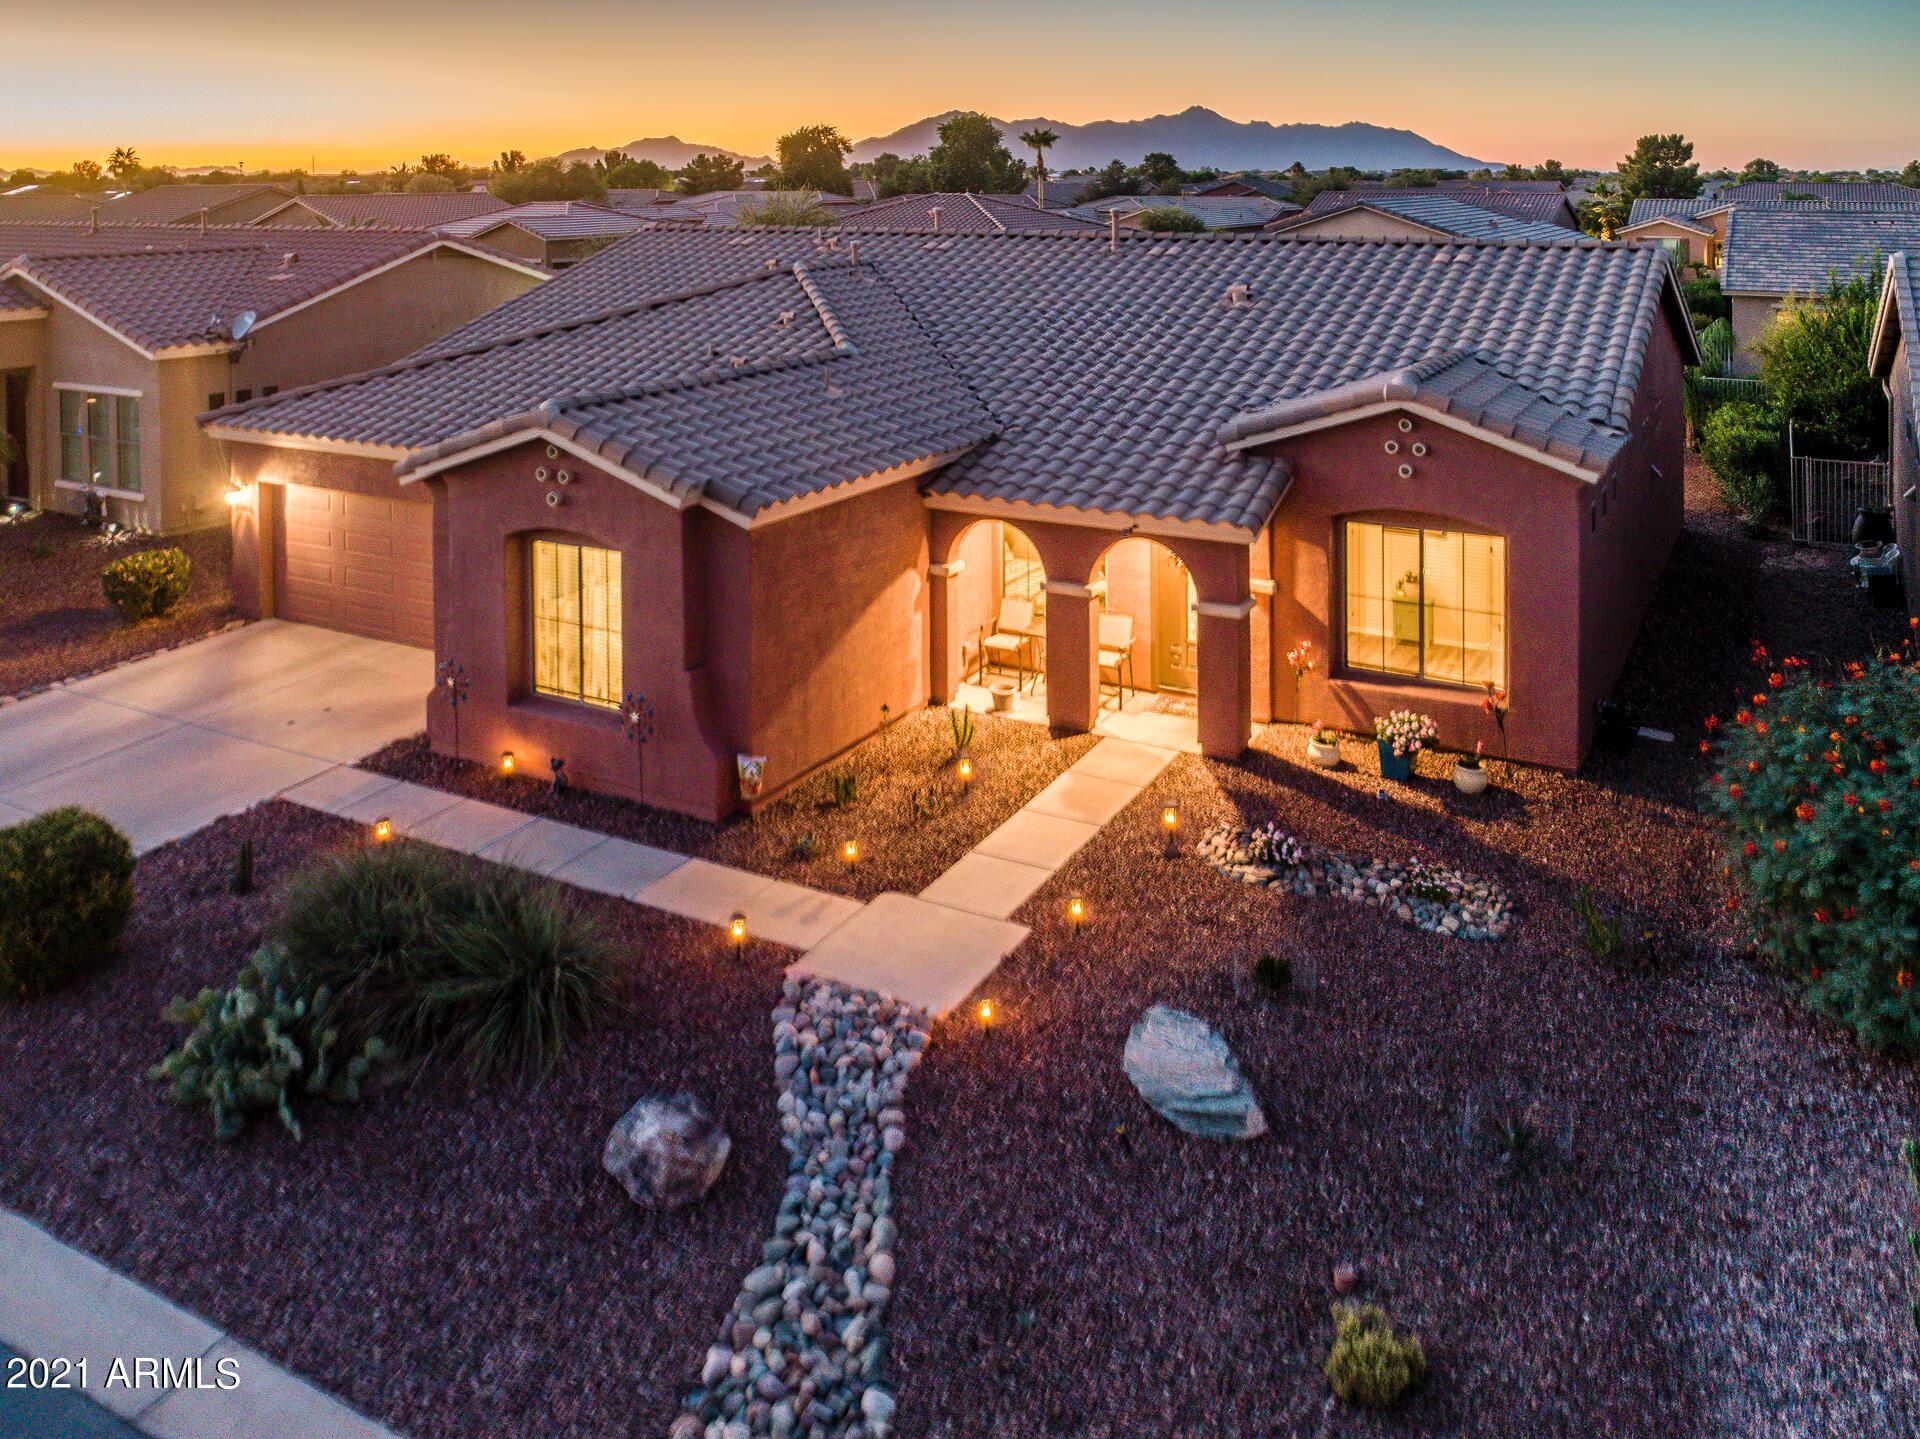 Photo of 42604 W SANDPIPER Drive, Maricopa, AZ 85138 (MLS # 6306959)